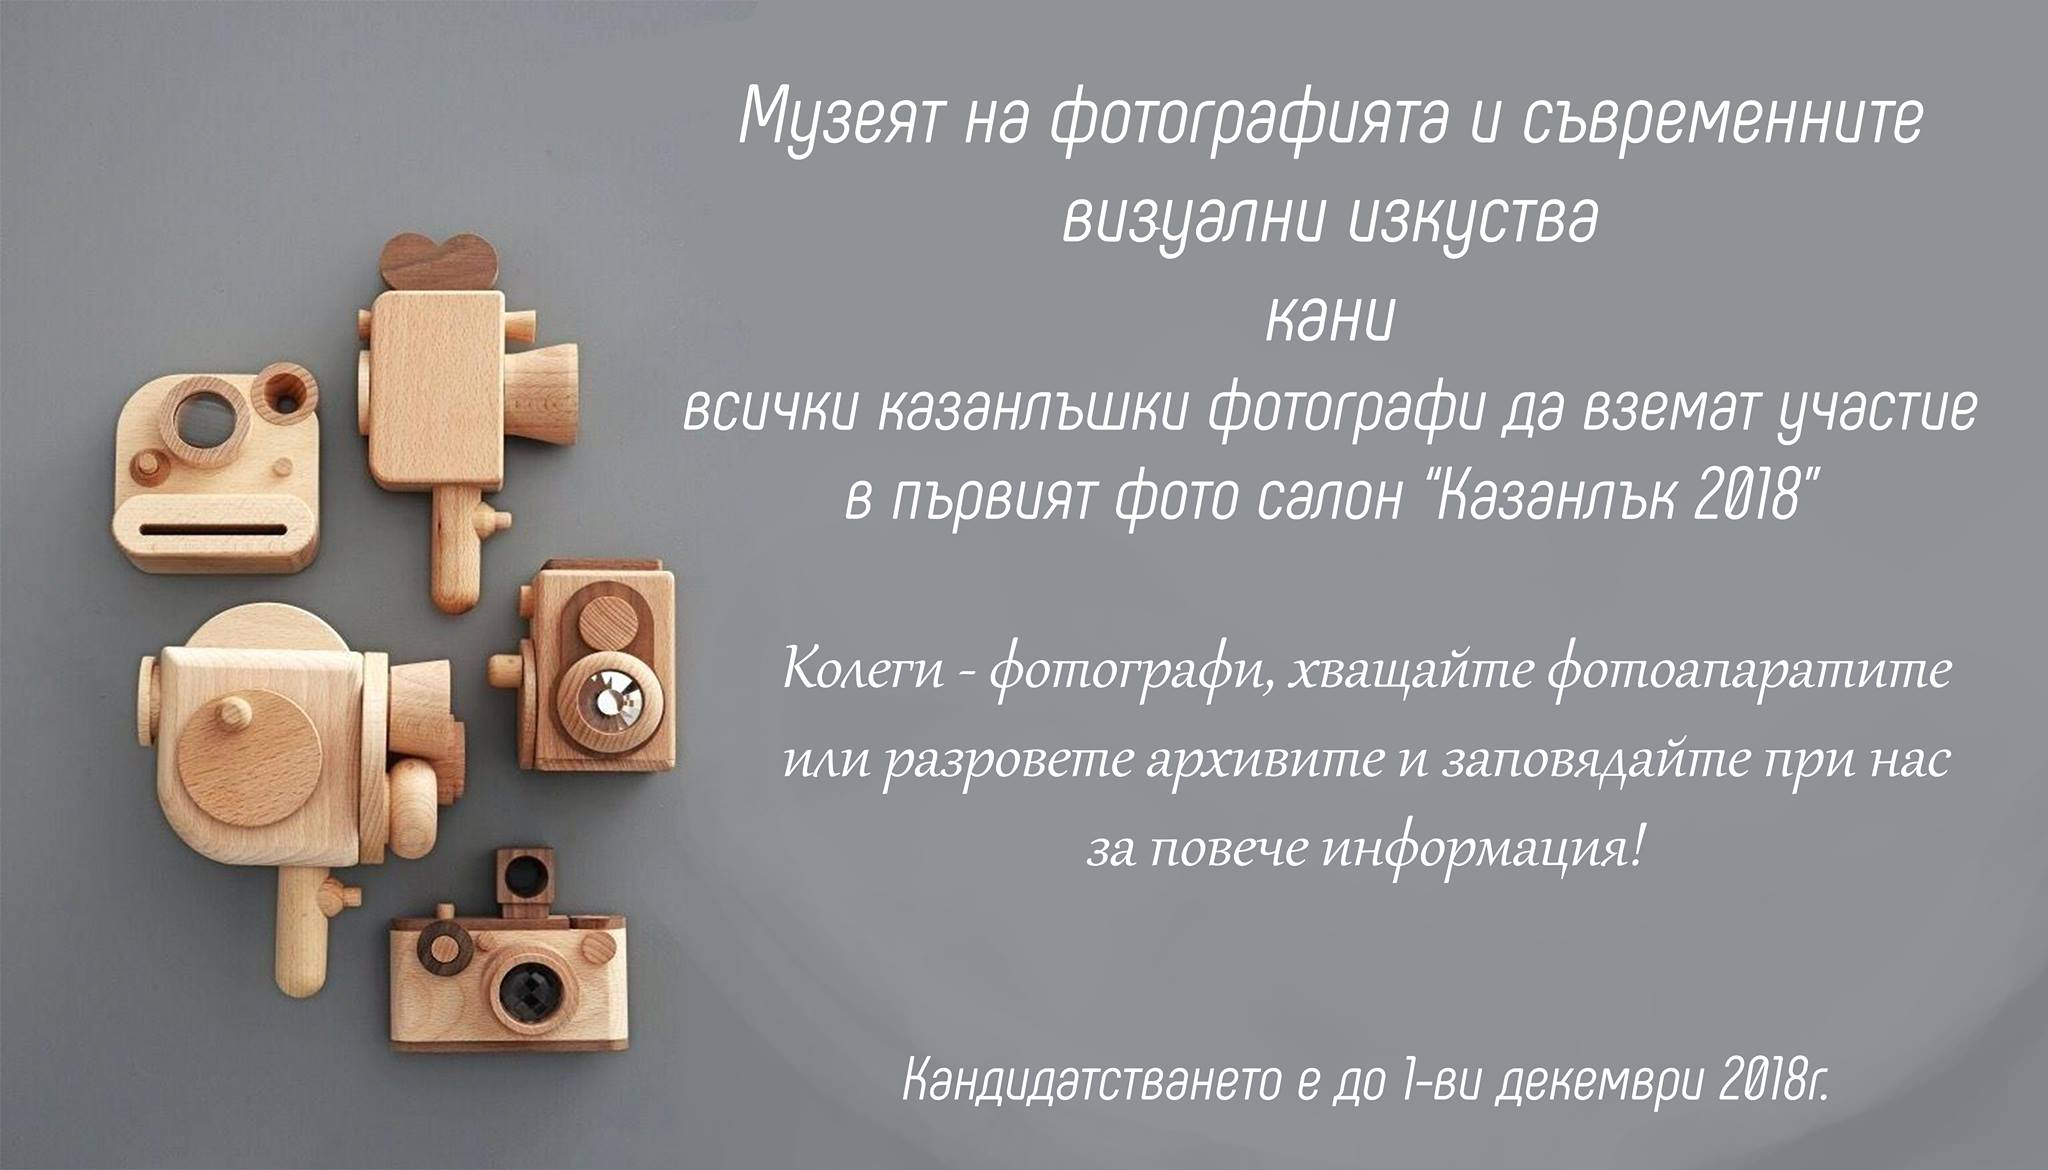 Фото салон Казанлък 2018